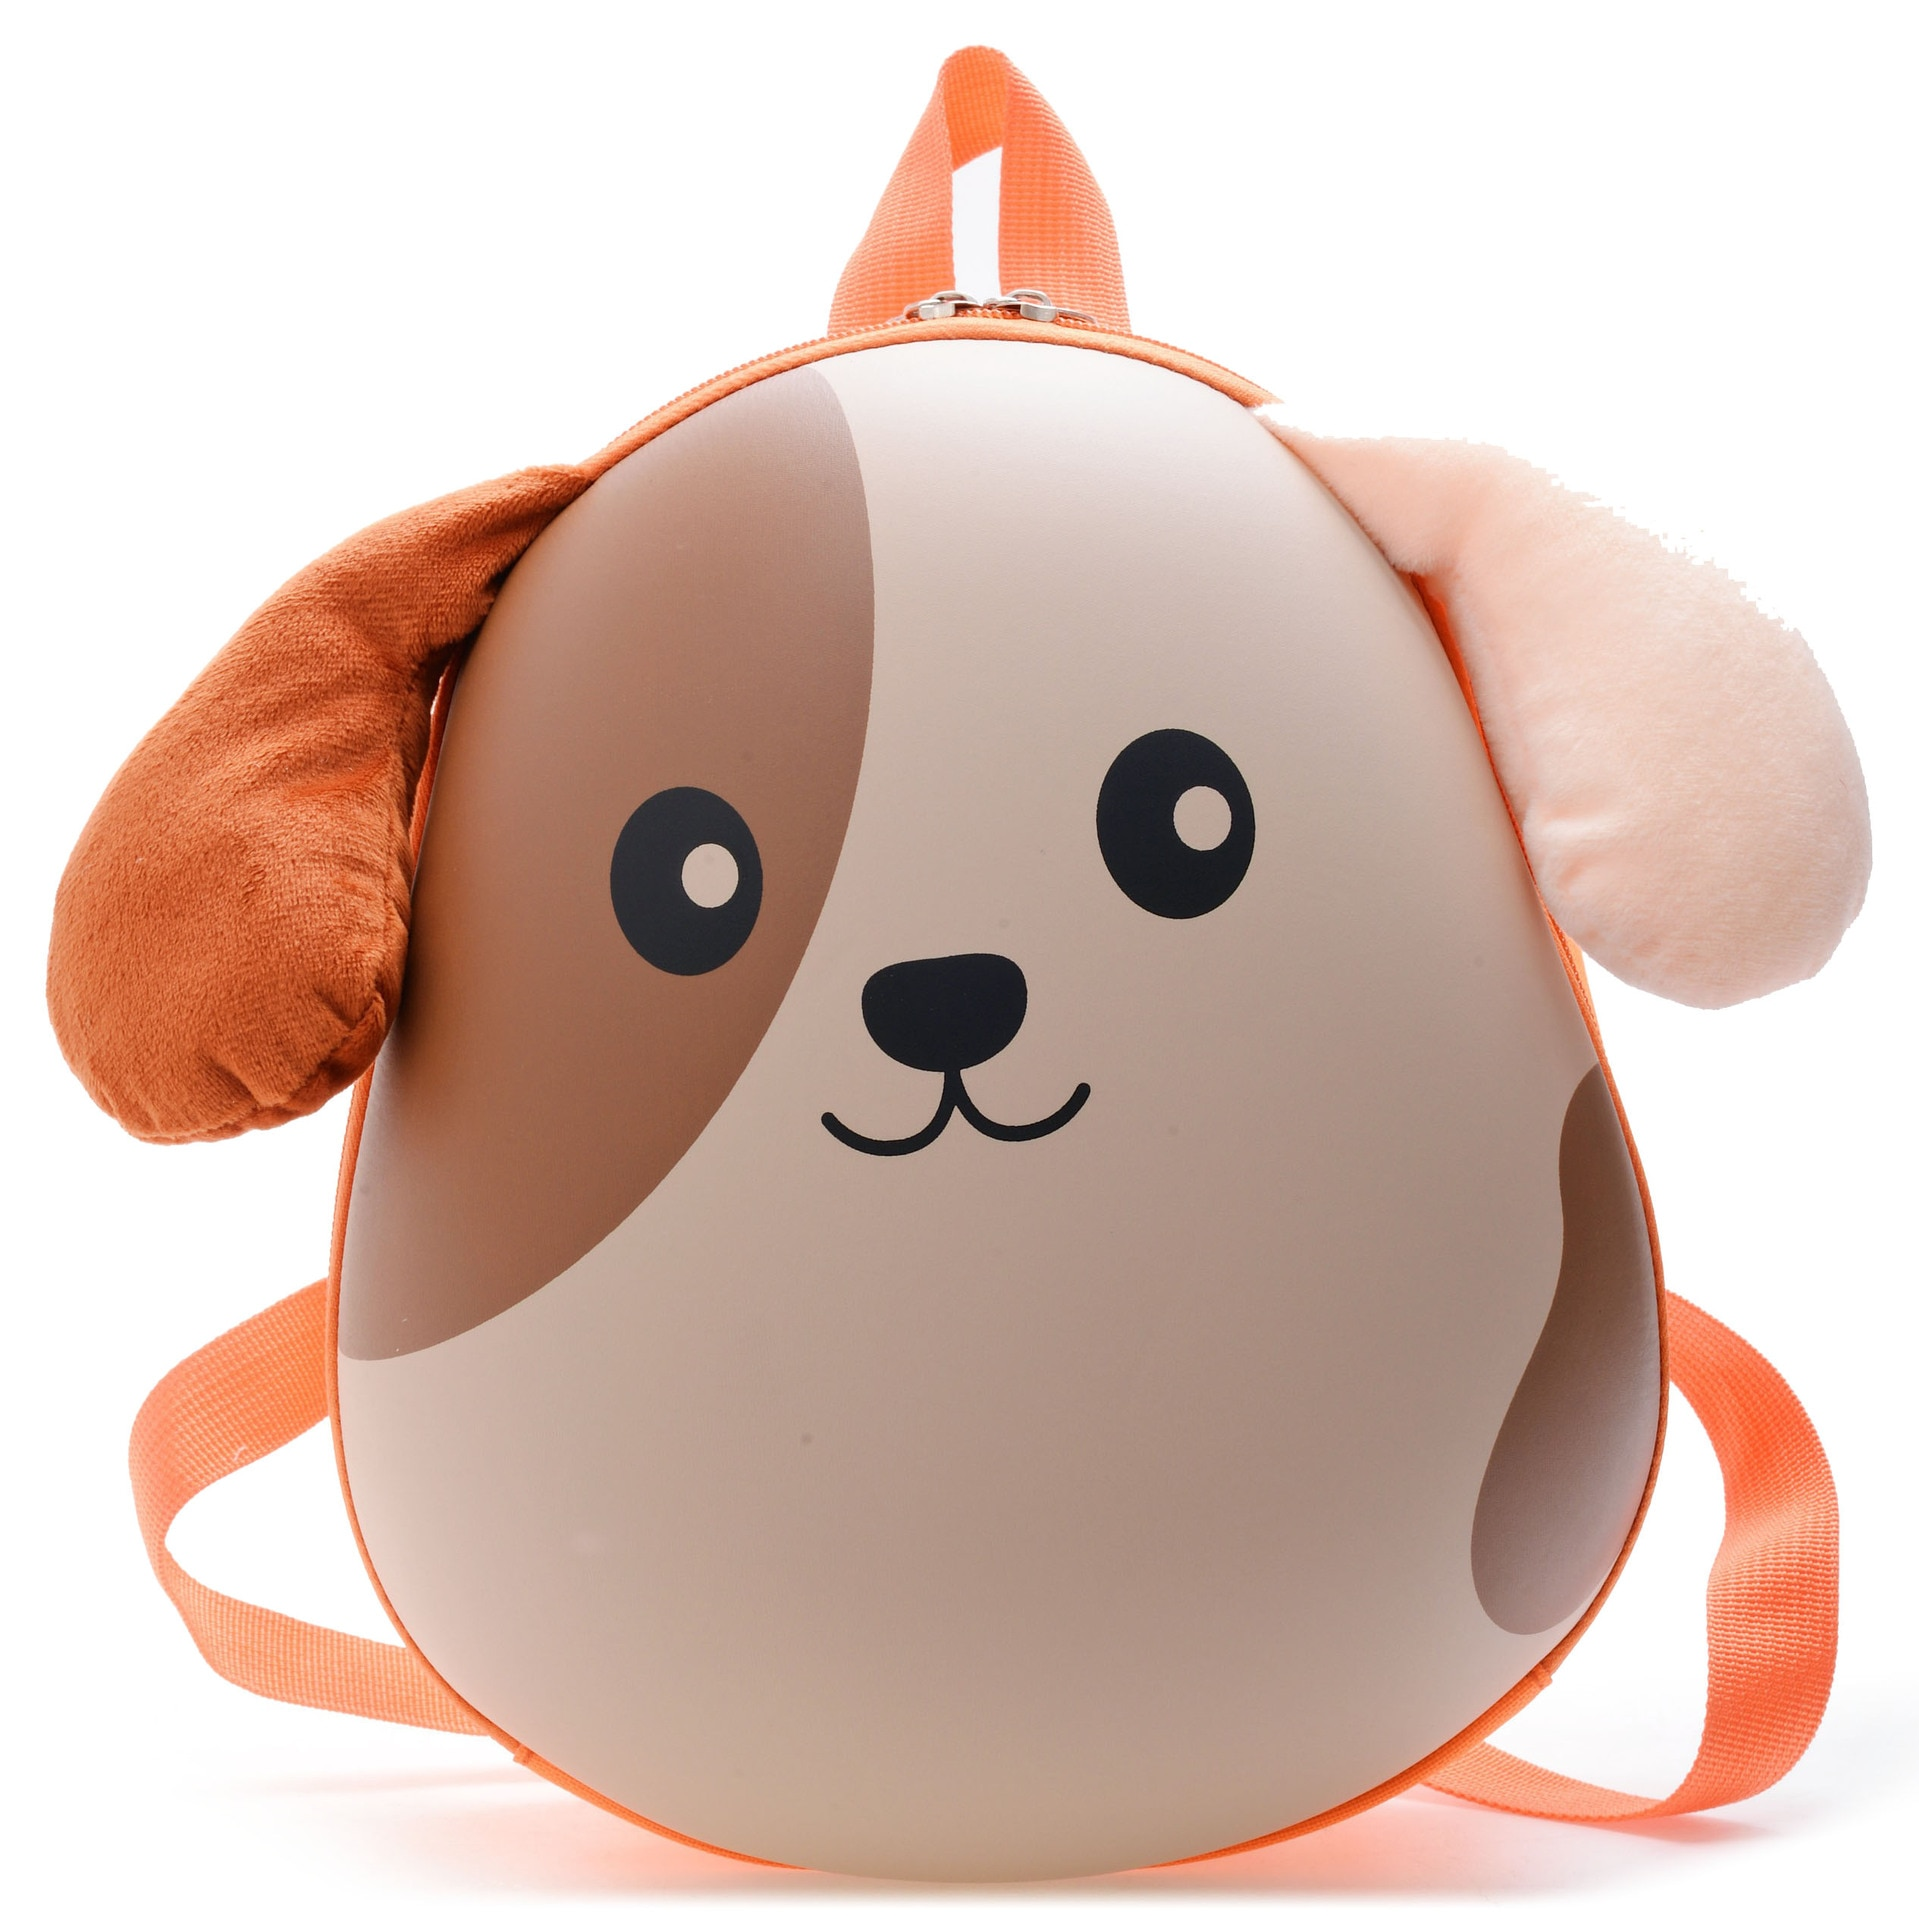 Детский рюкзак с милым принтом животных, модный детский рюкзак для девочек, маленький школьный рюкзак, милый детский рюкзак для мальчиков, ...